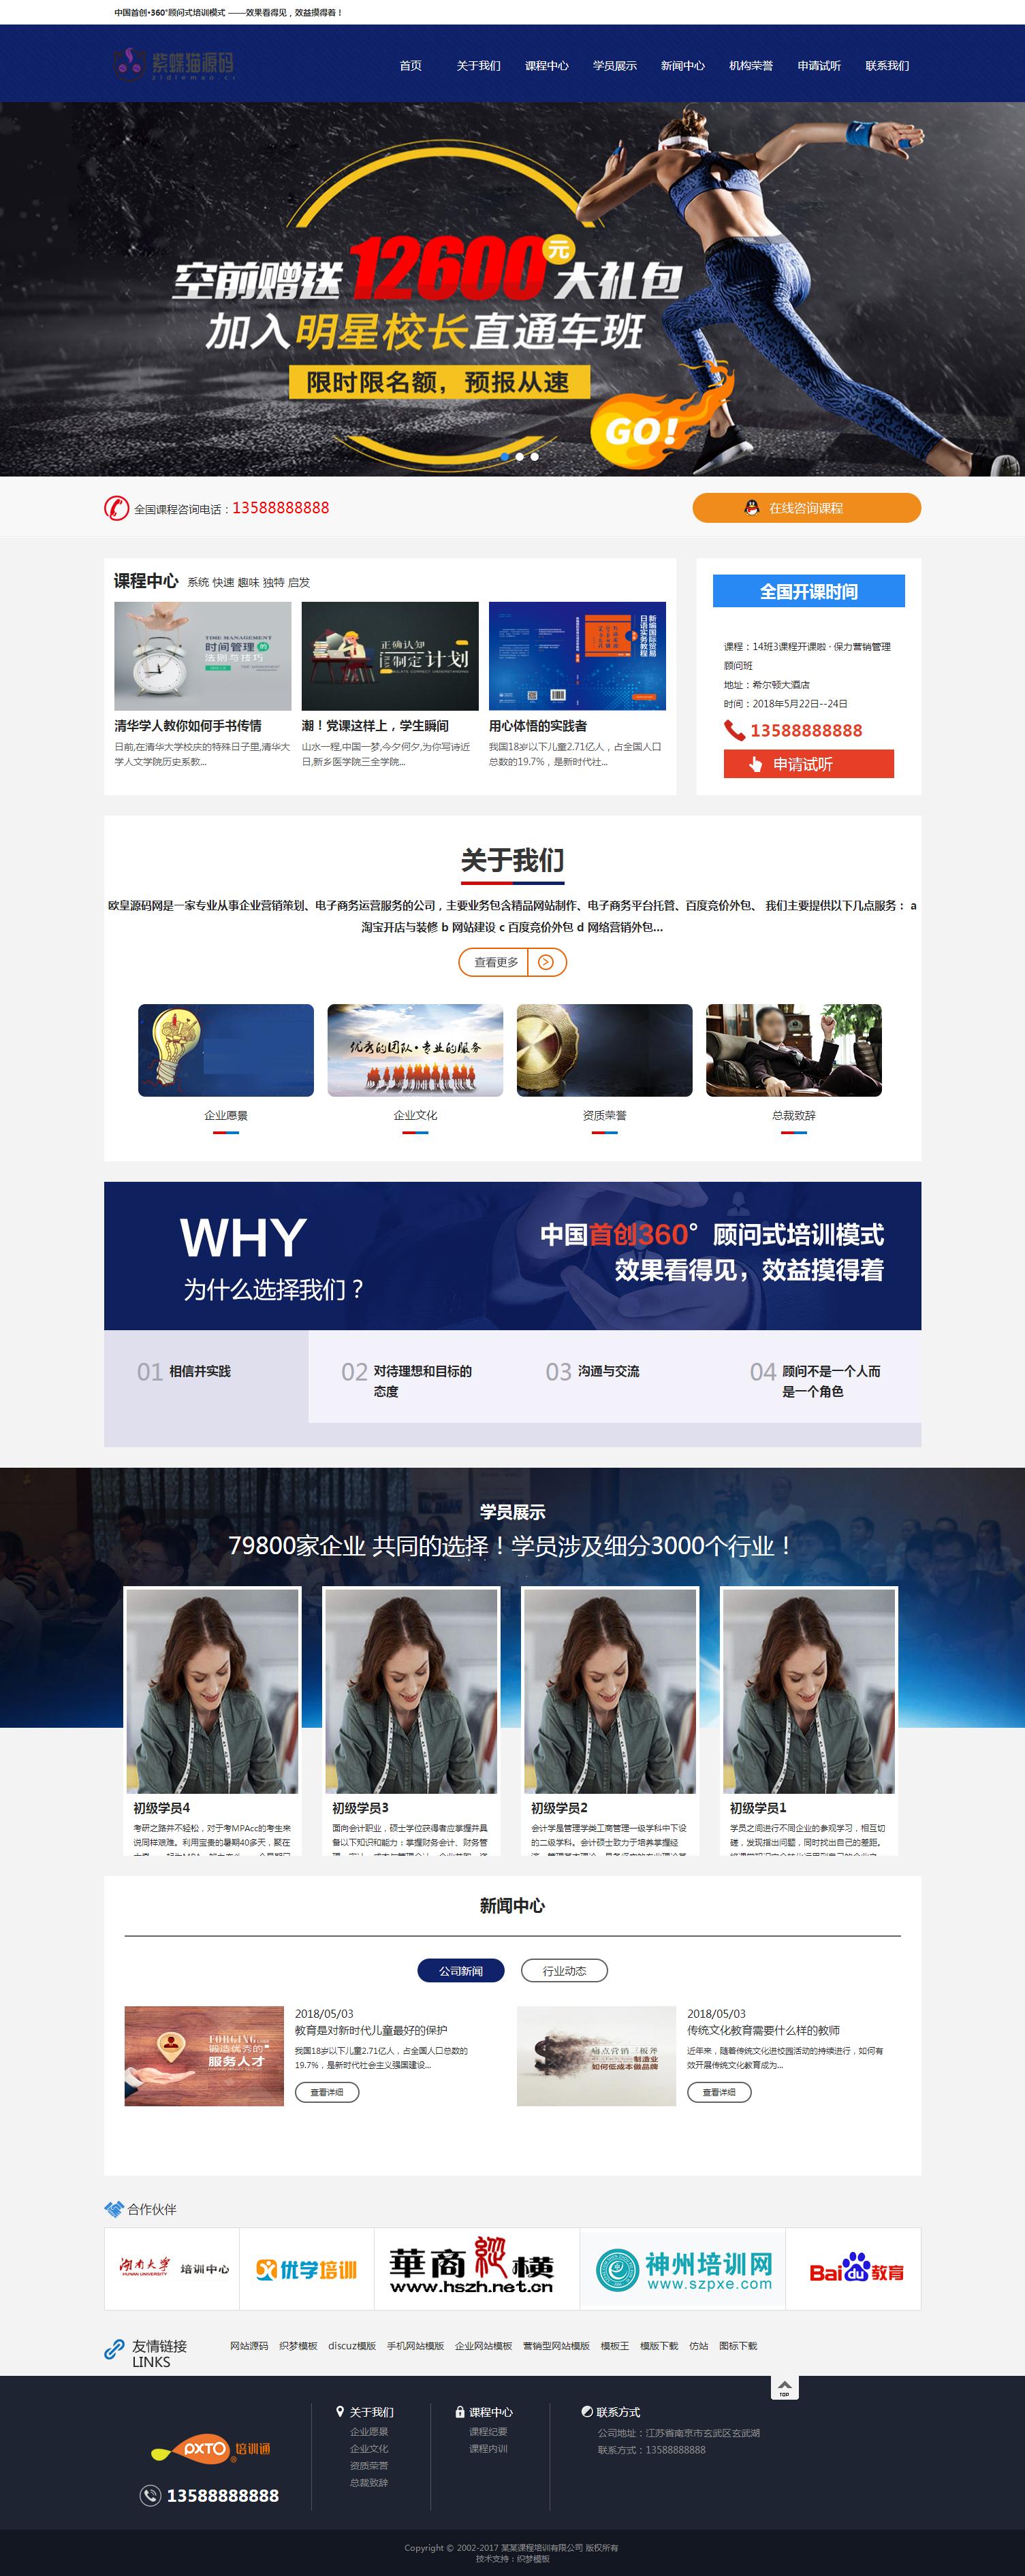 教育培训机构网站模板